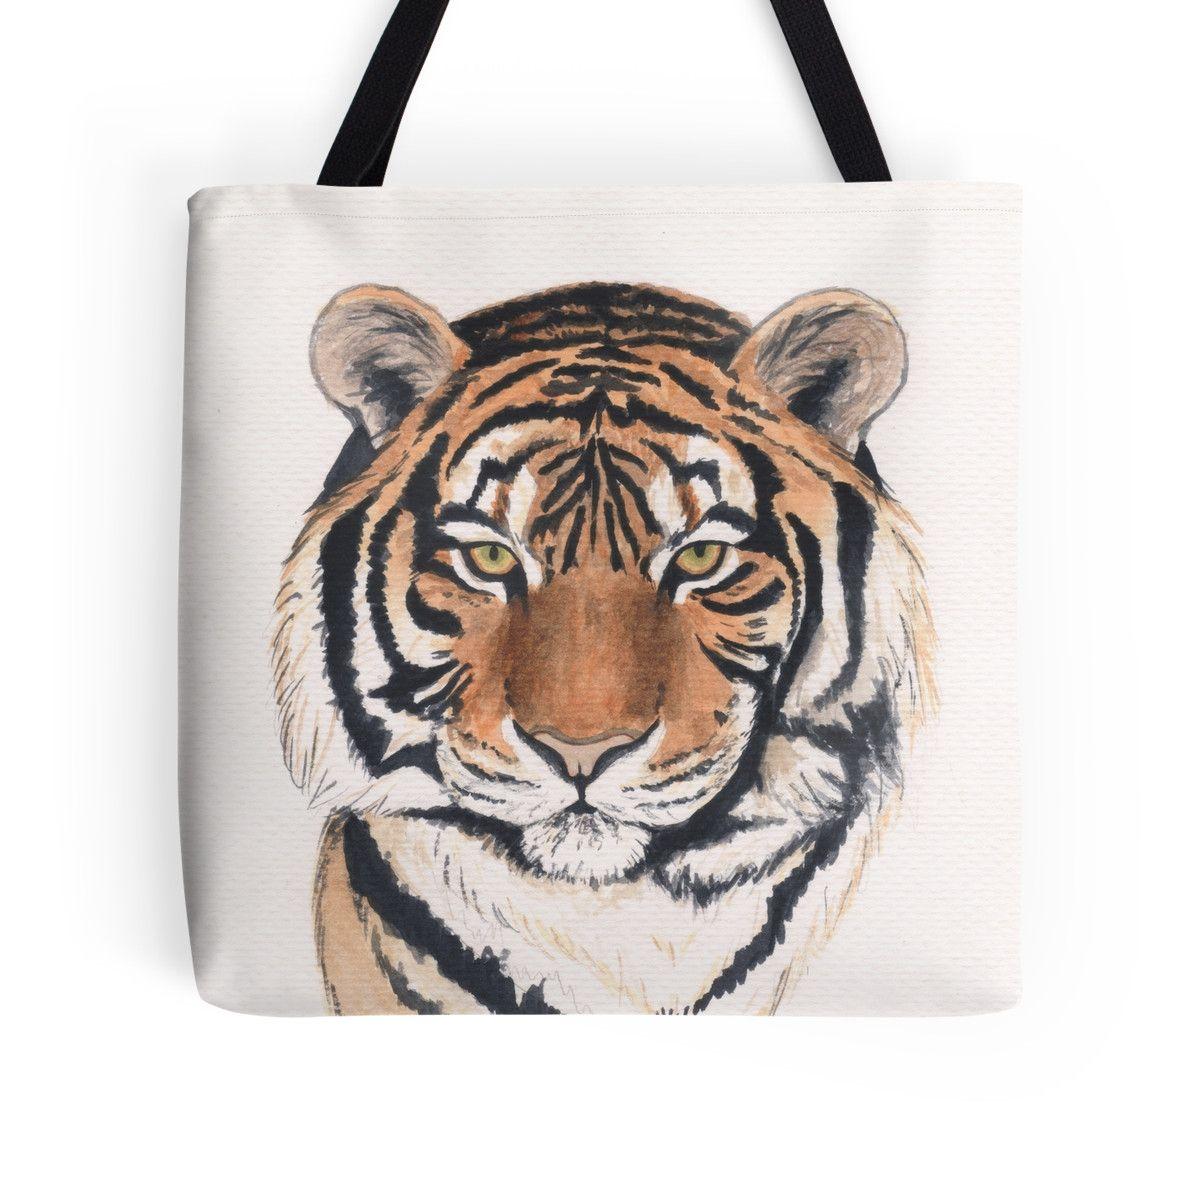 Tiger S Head Tote Bag By Savousepate Tete De Tigre Tigre